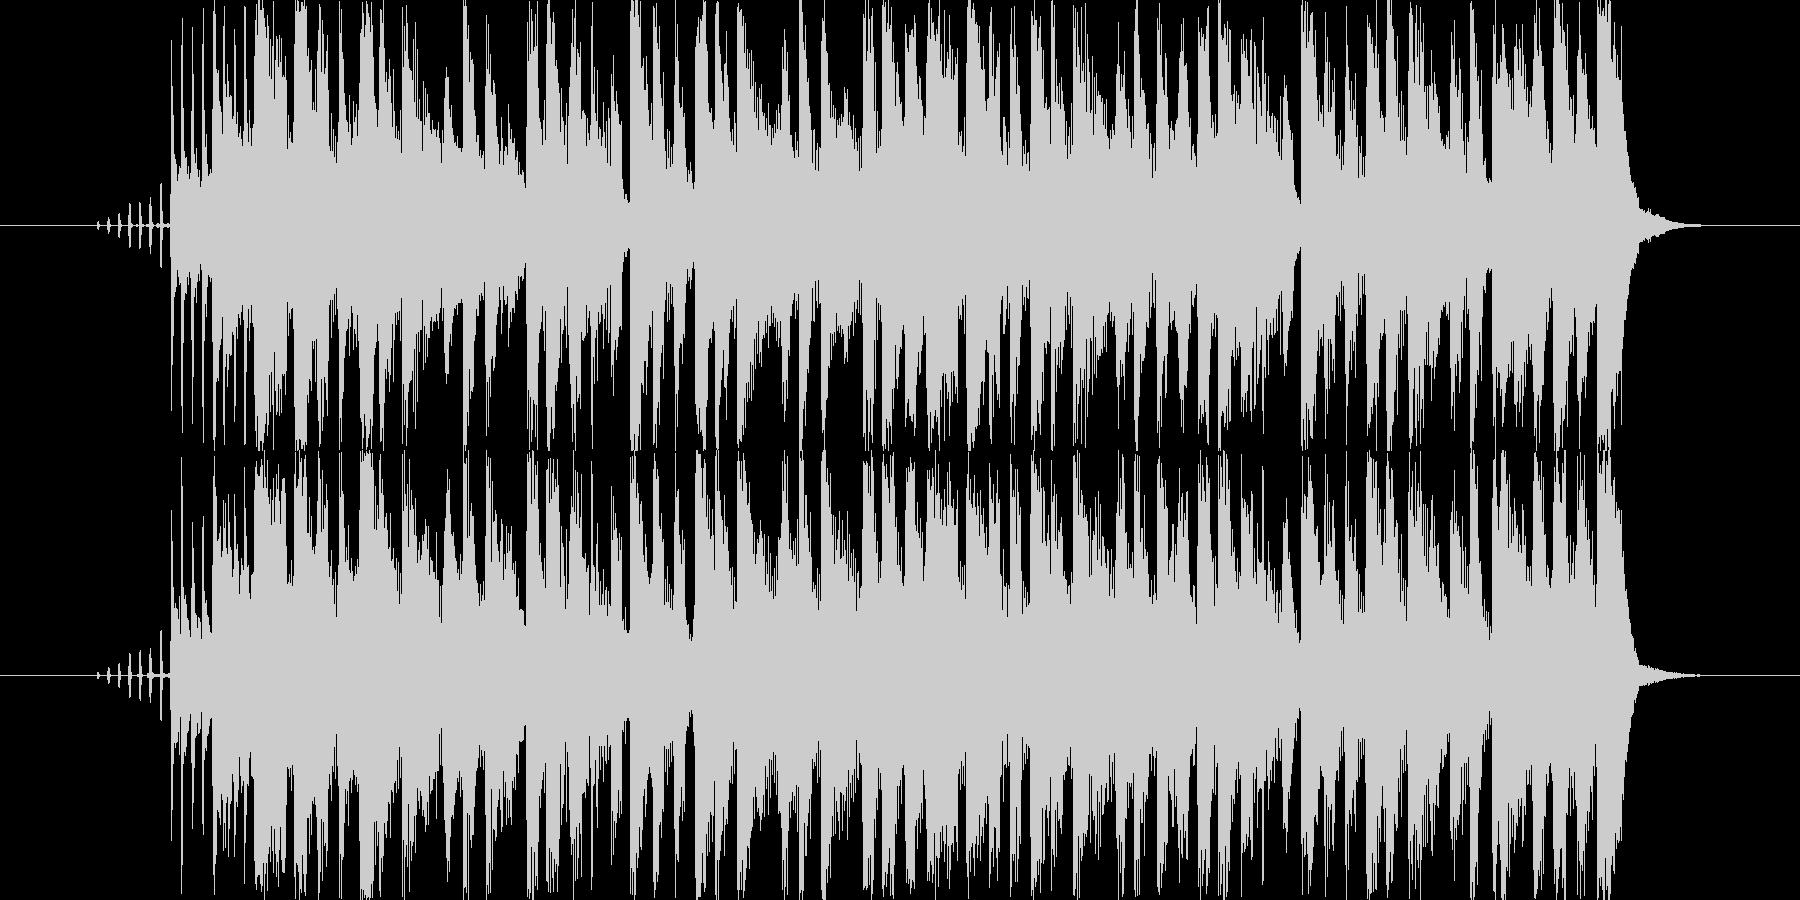 アニメの次回予告を想定した楽曲です。の未再生の波形